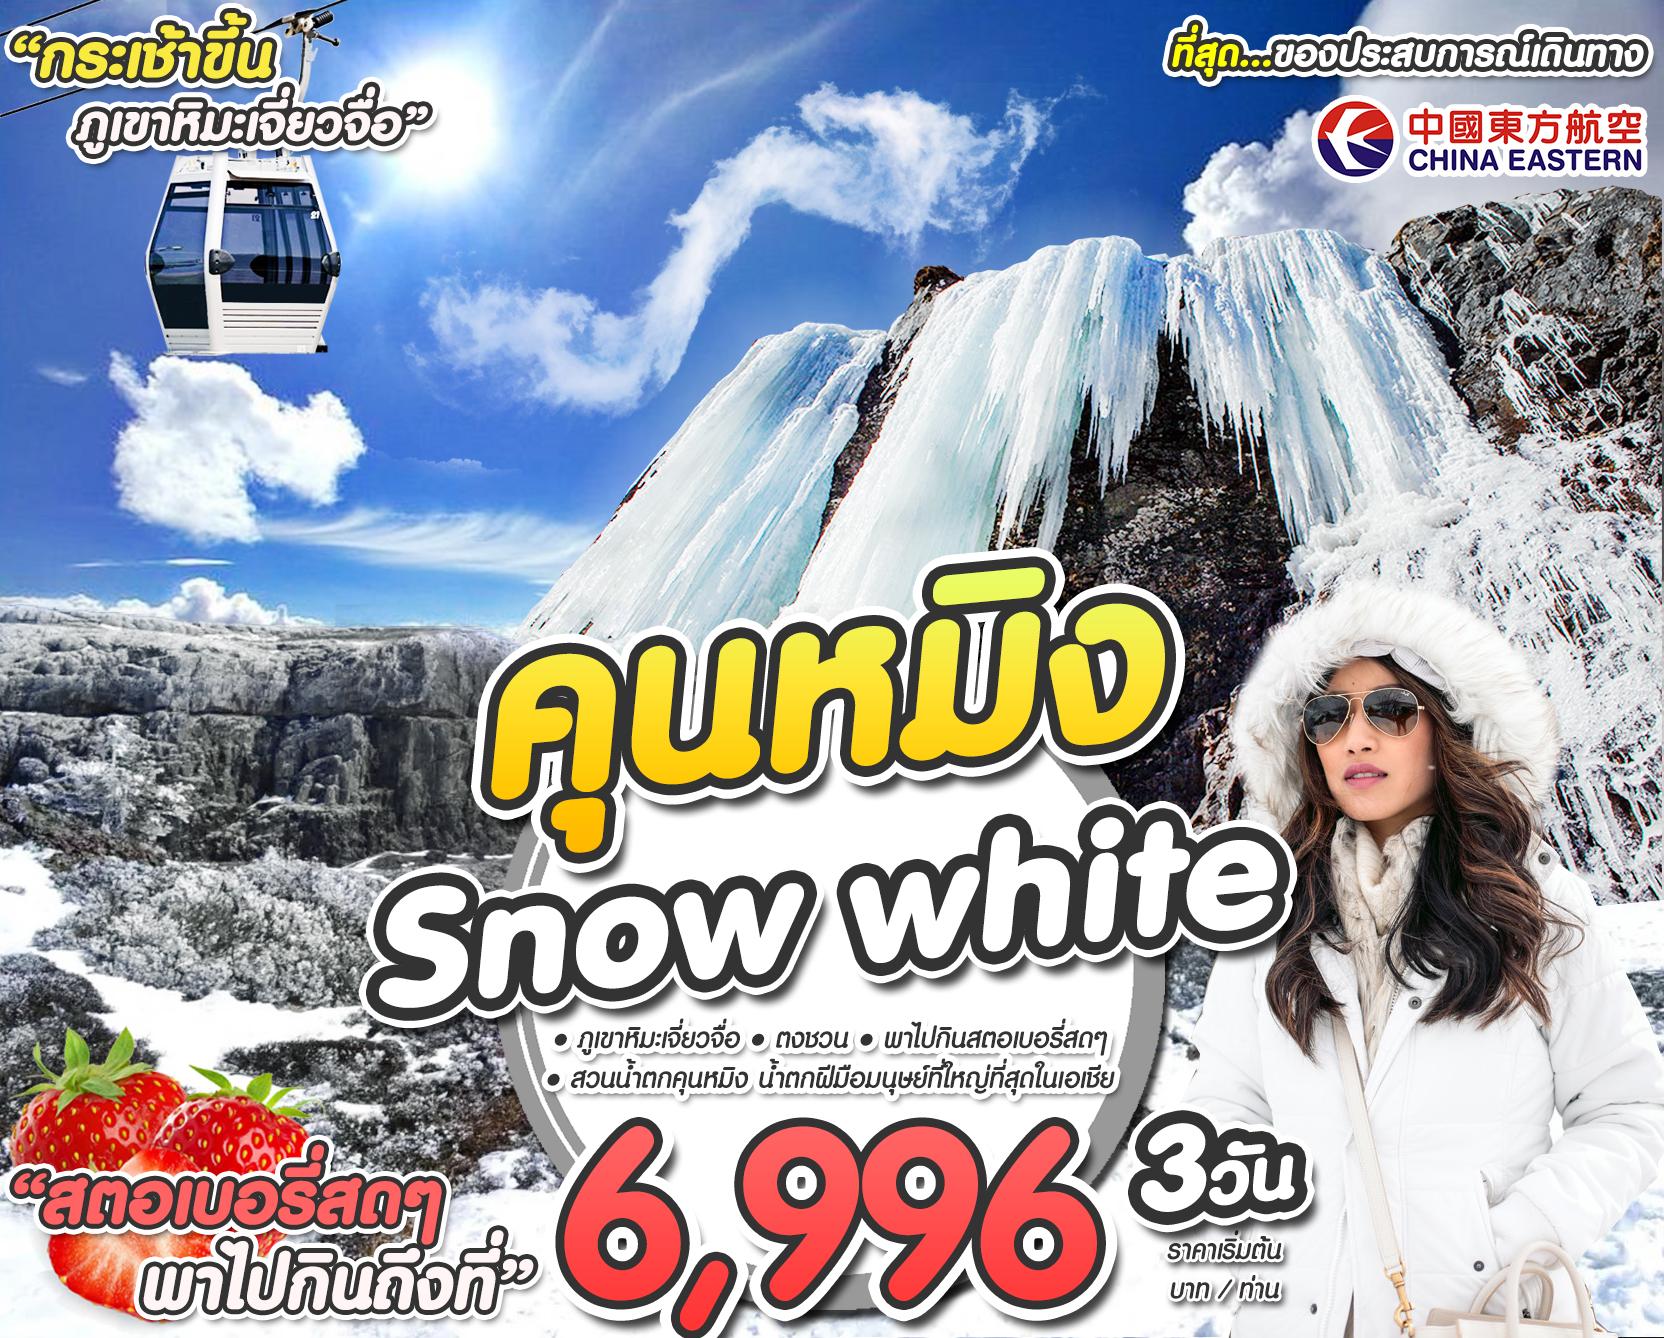 ทัวร์จีน-คุนหมิง-ภูเขาหิมะเจียวจื่อ-3-วัน-2-คืน-(DEC18)